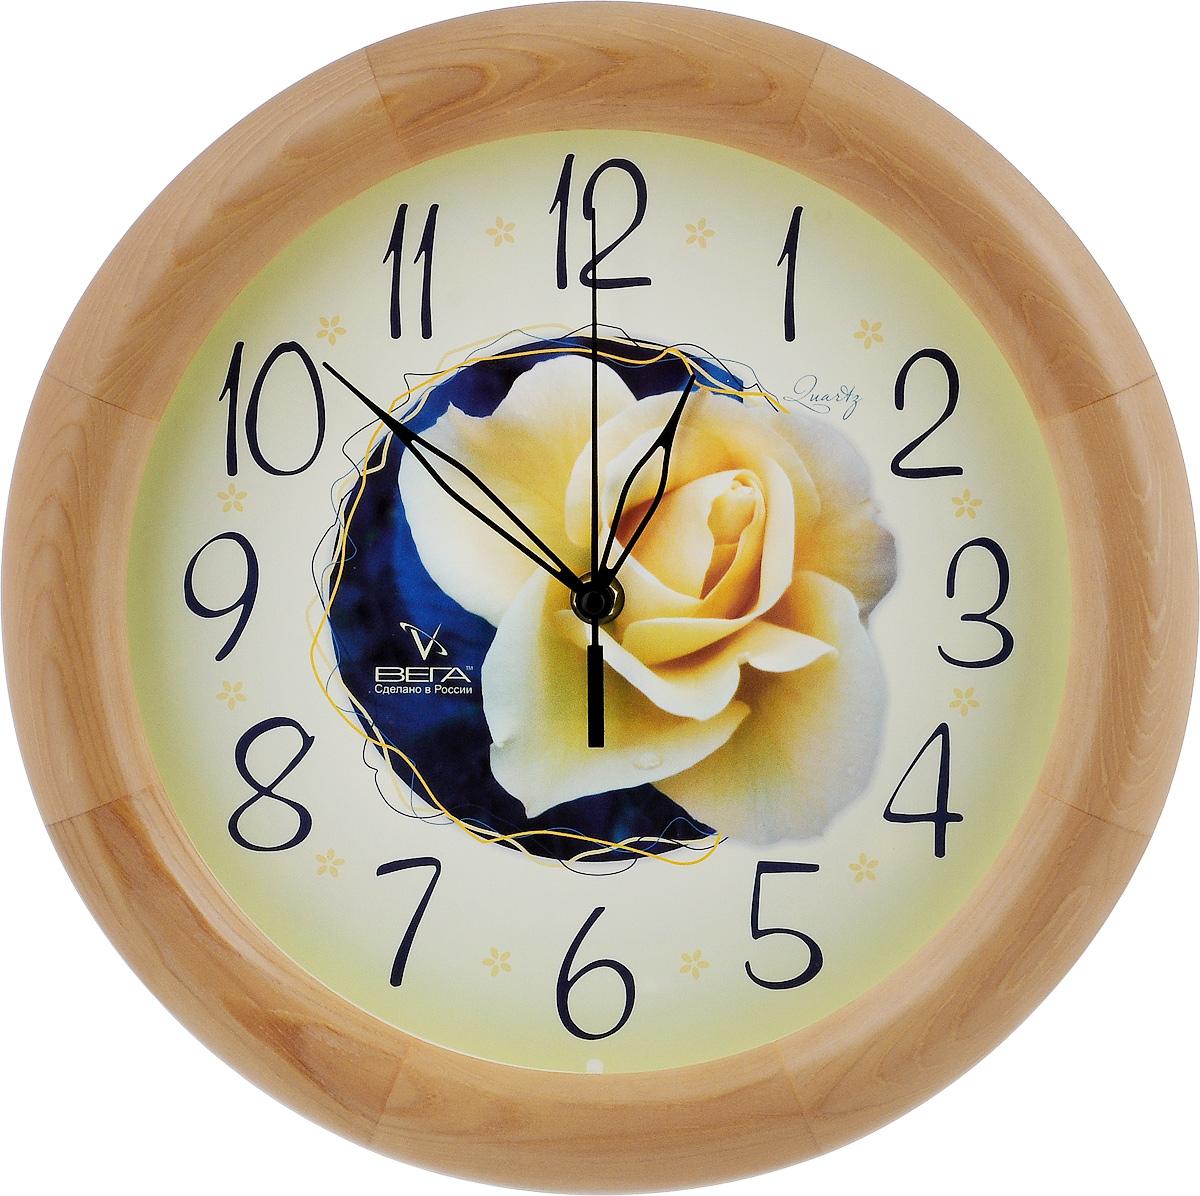 Часы настенные Вега Роза, диаметр 30 смД1НД/7-190Настенные кварцевые часы Вега Роза, изготовленные из дерева, прекрасно впишутся в интерьервашего дома. Часы имеют три стрелки: часовую,минутную и секундную, циферблат защищен прозрачным стеклом.Часы работают от 1 батарейки типа АА напряжением 1,5 В (не входит в комплект). Диаметр часов: 30 см.